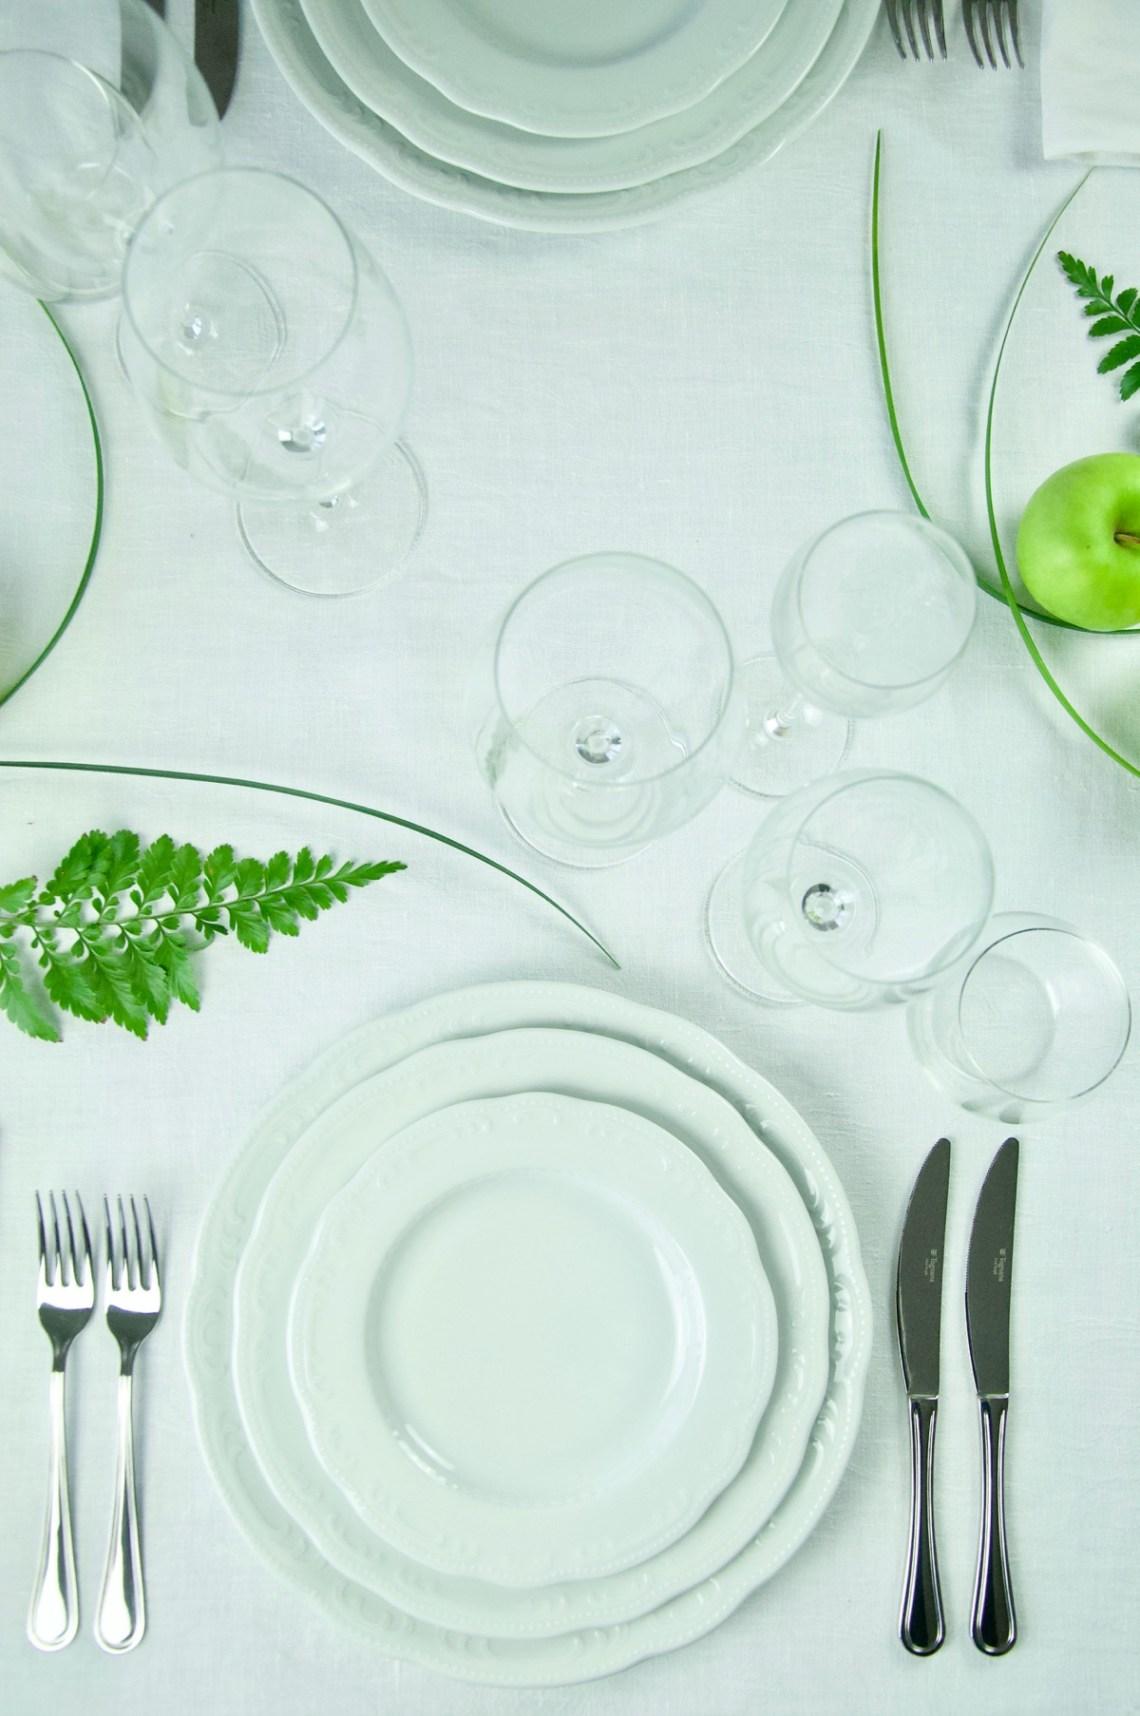 Posizione Bicchieri In Tavola.La Tavola Formale Come Dobbiamo Prepararla Tognana Home